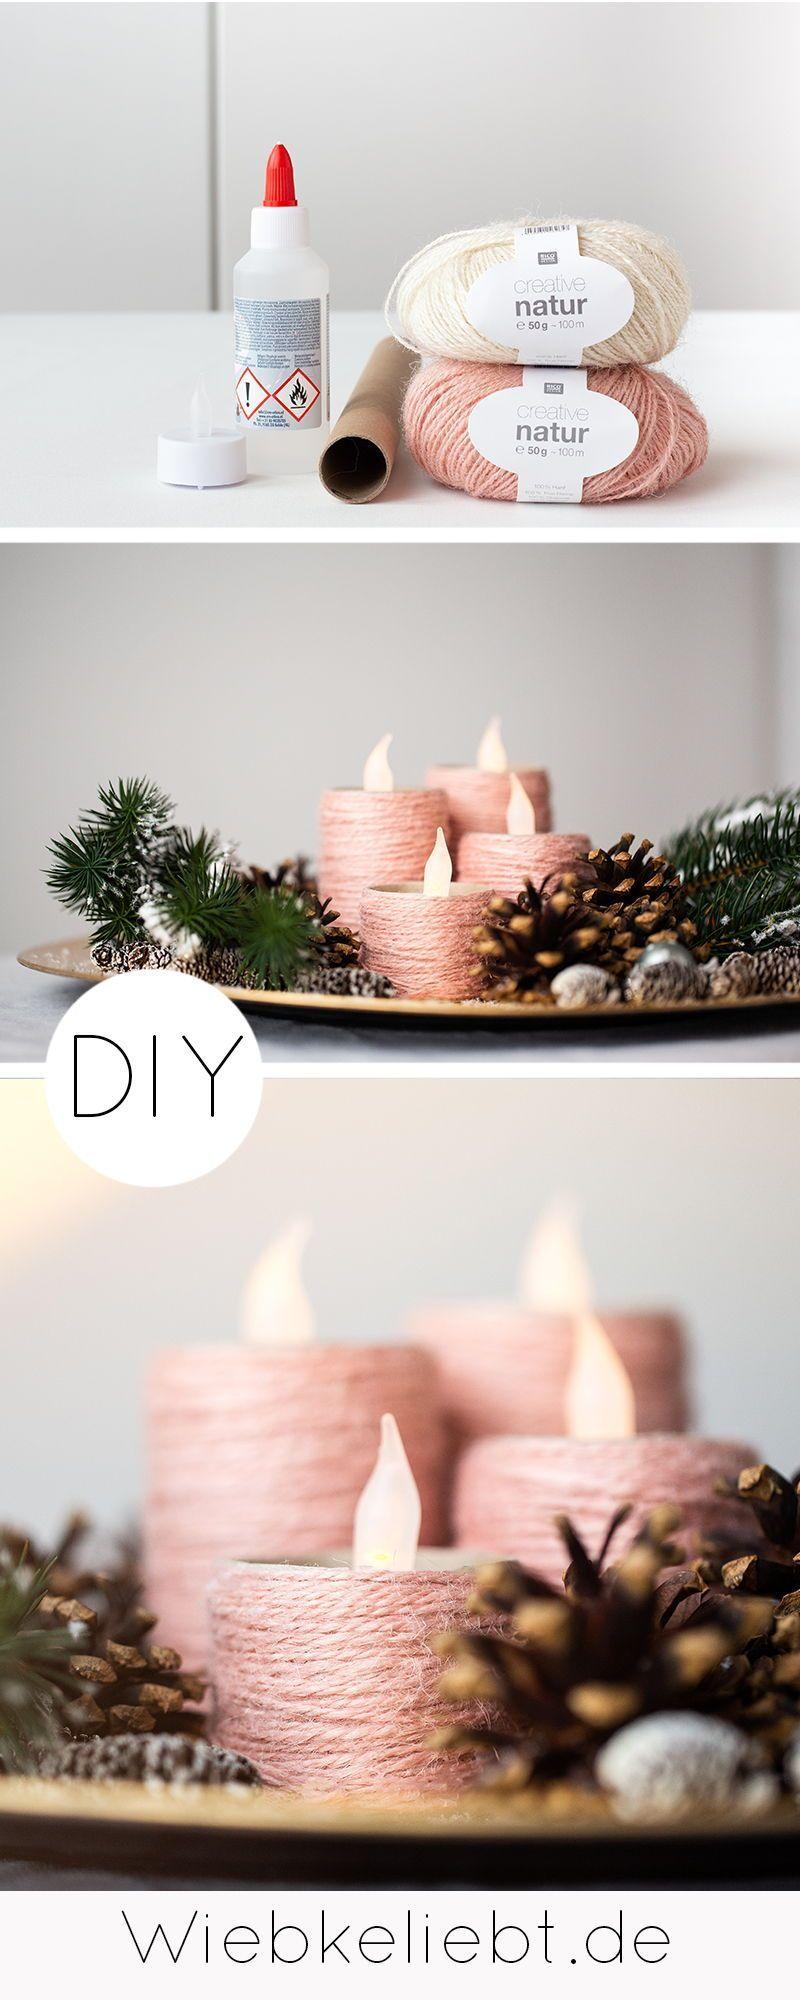 Adventskranz aus Klopapierrollen basteln - DIY Weihnachten   DIY Blog   Do-it-yourself Anleit...